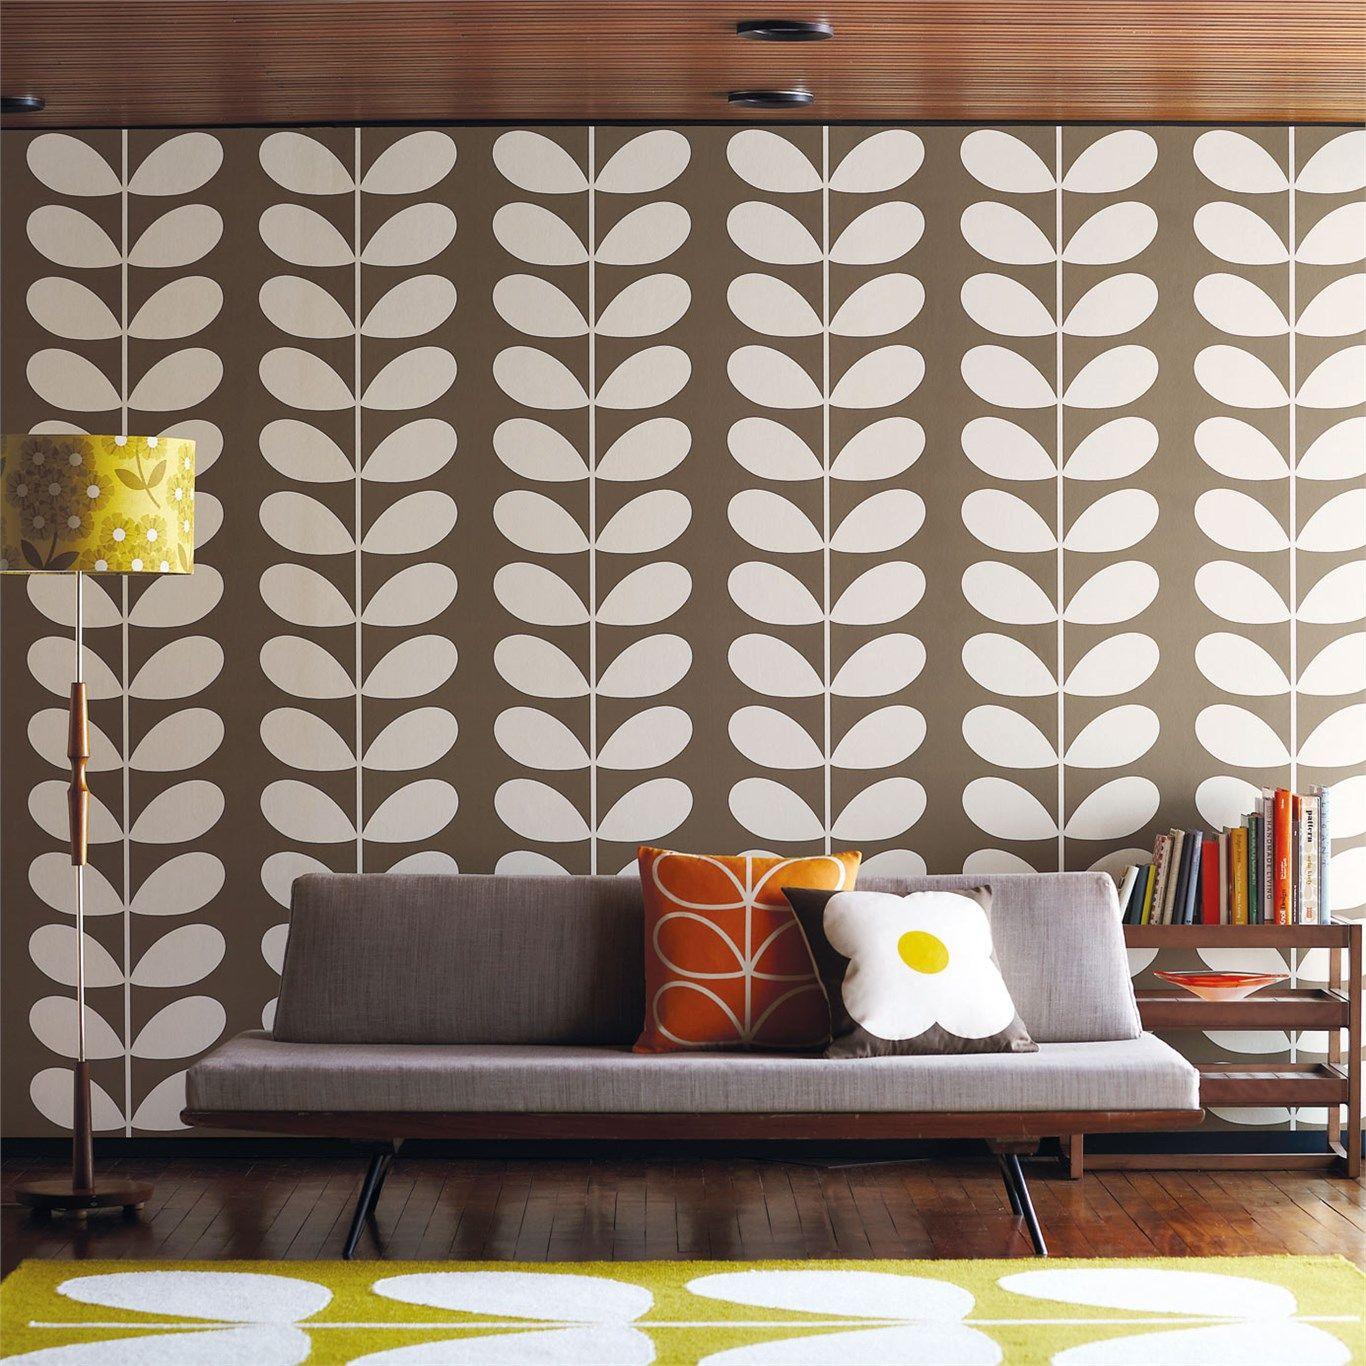 Orla kiely harlequin wallpaper giant stem others pinterest